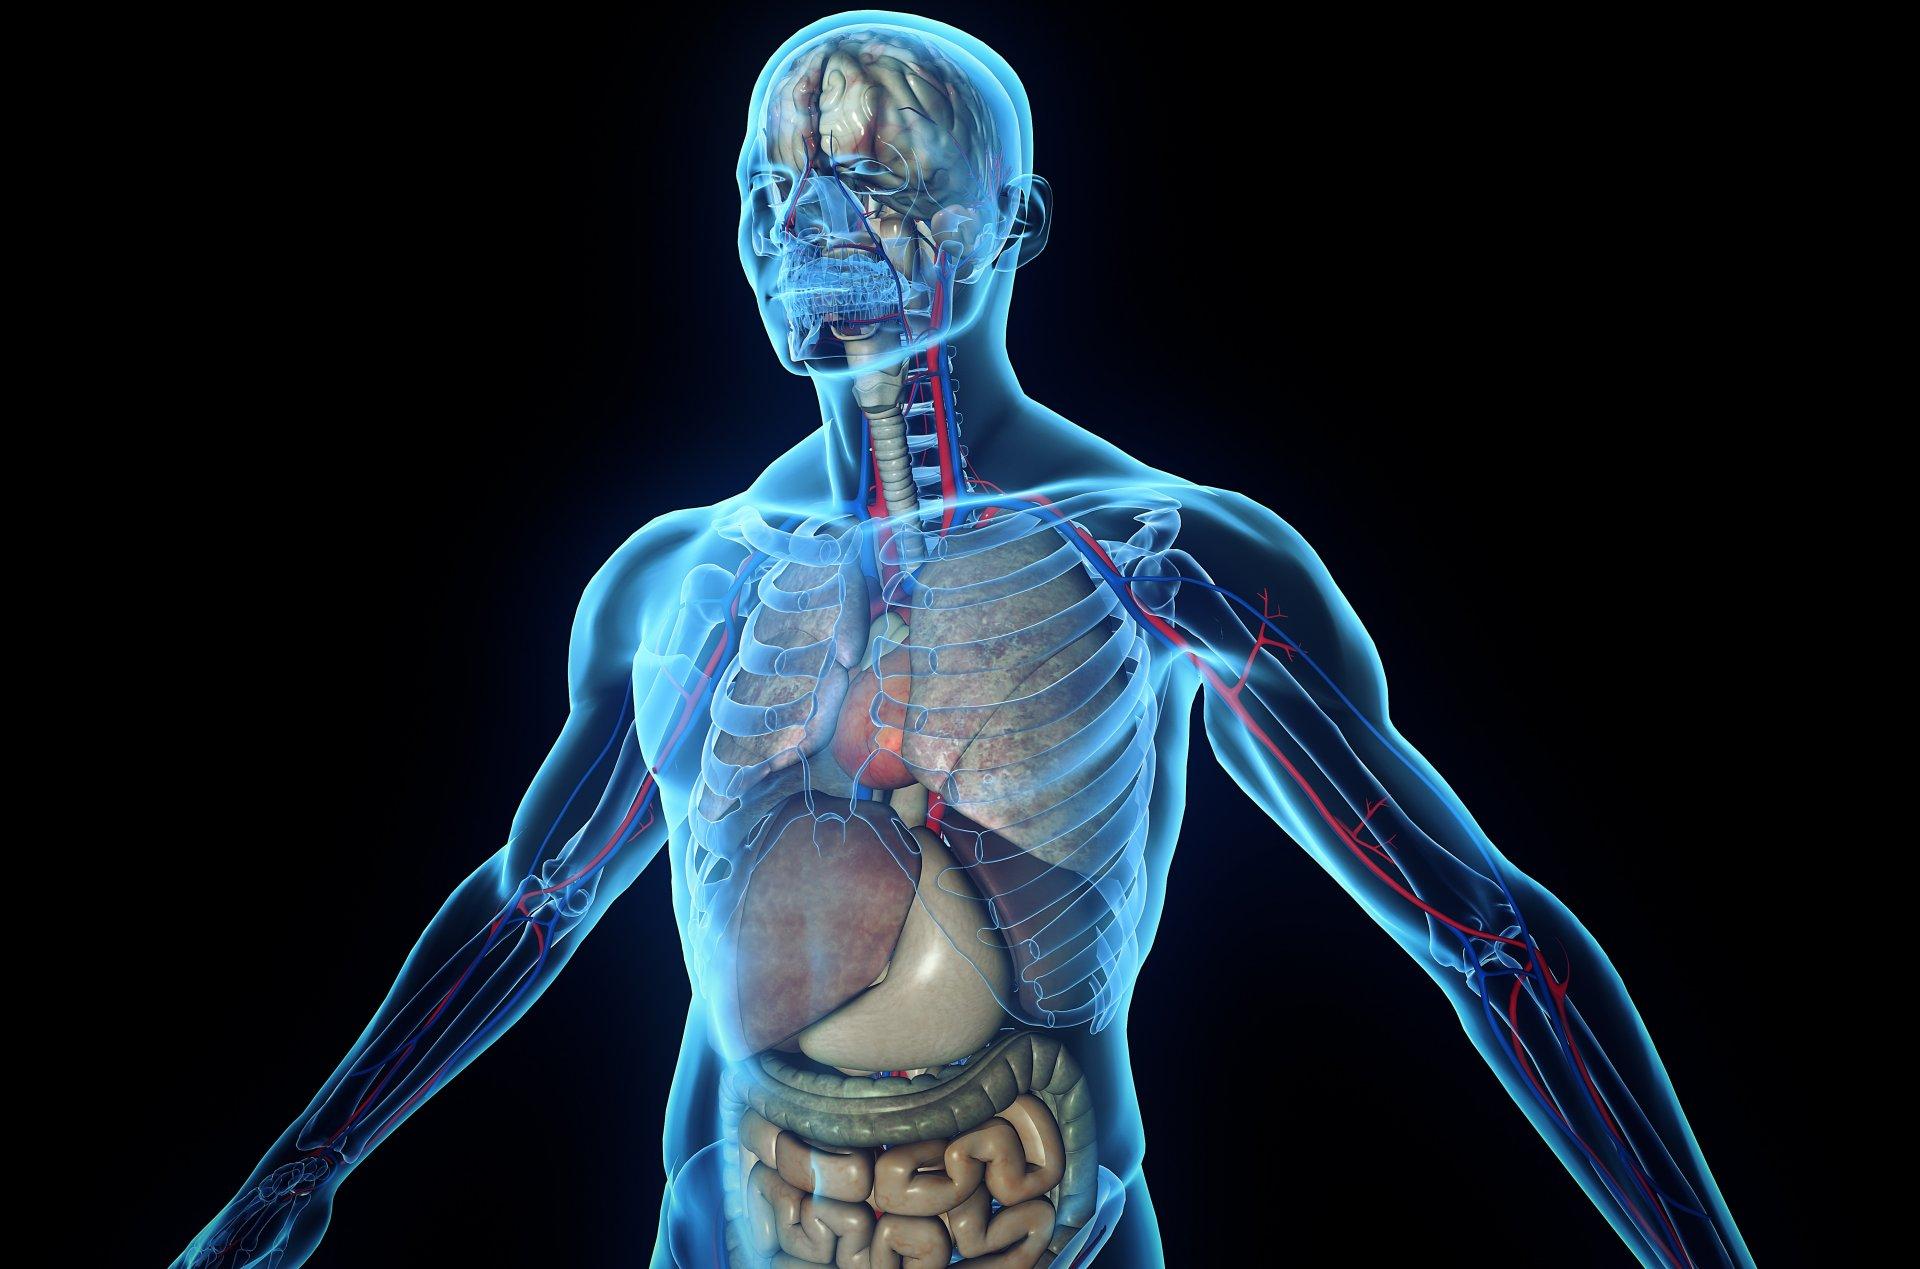 Картинка человеческого организма